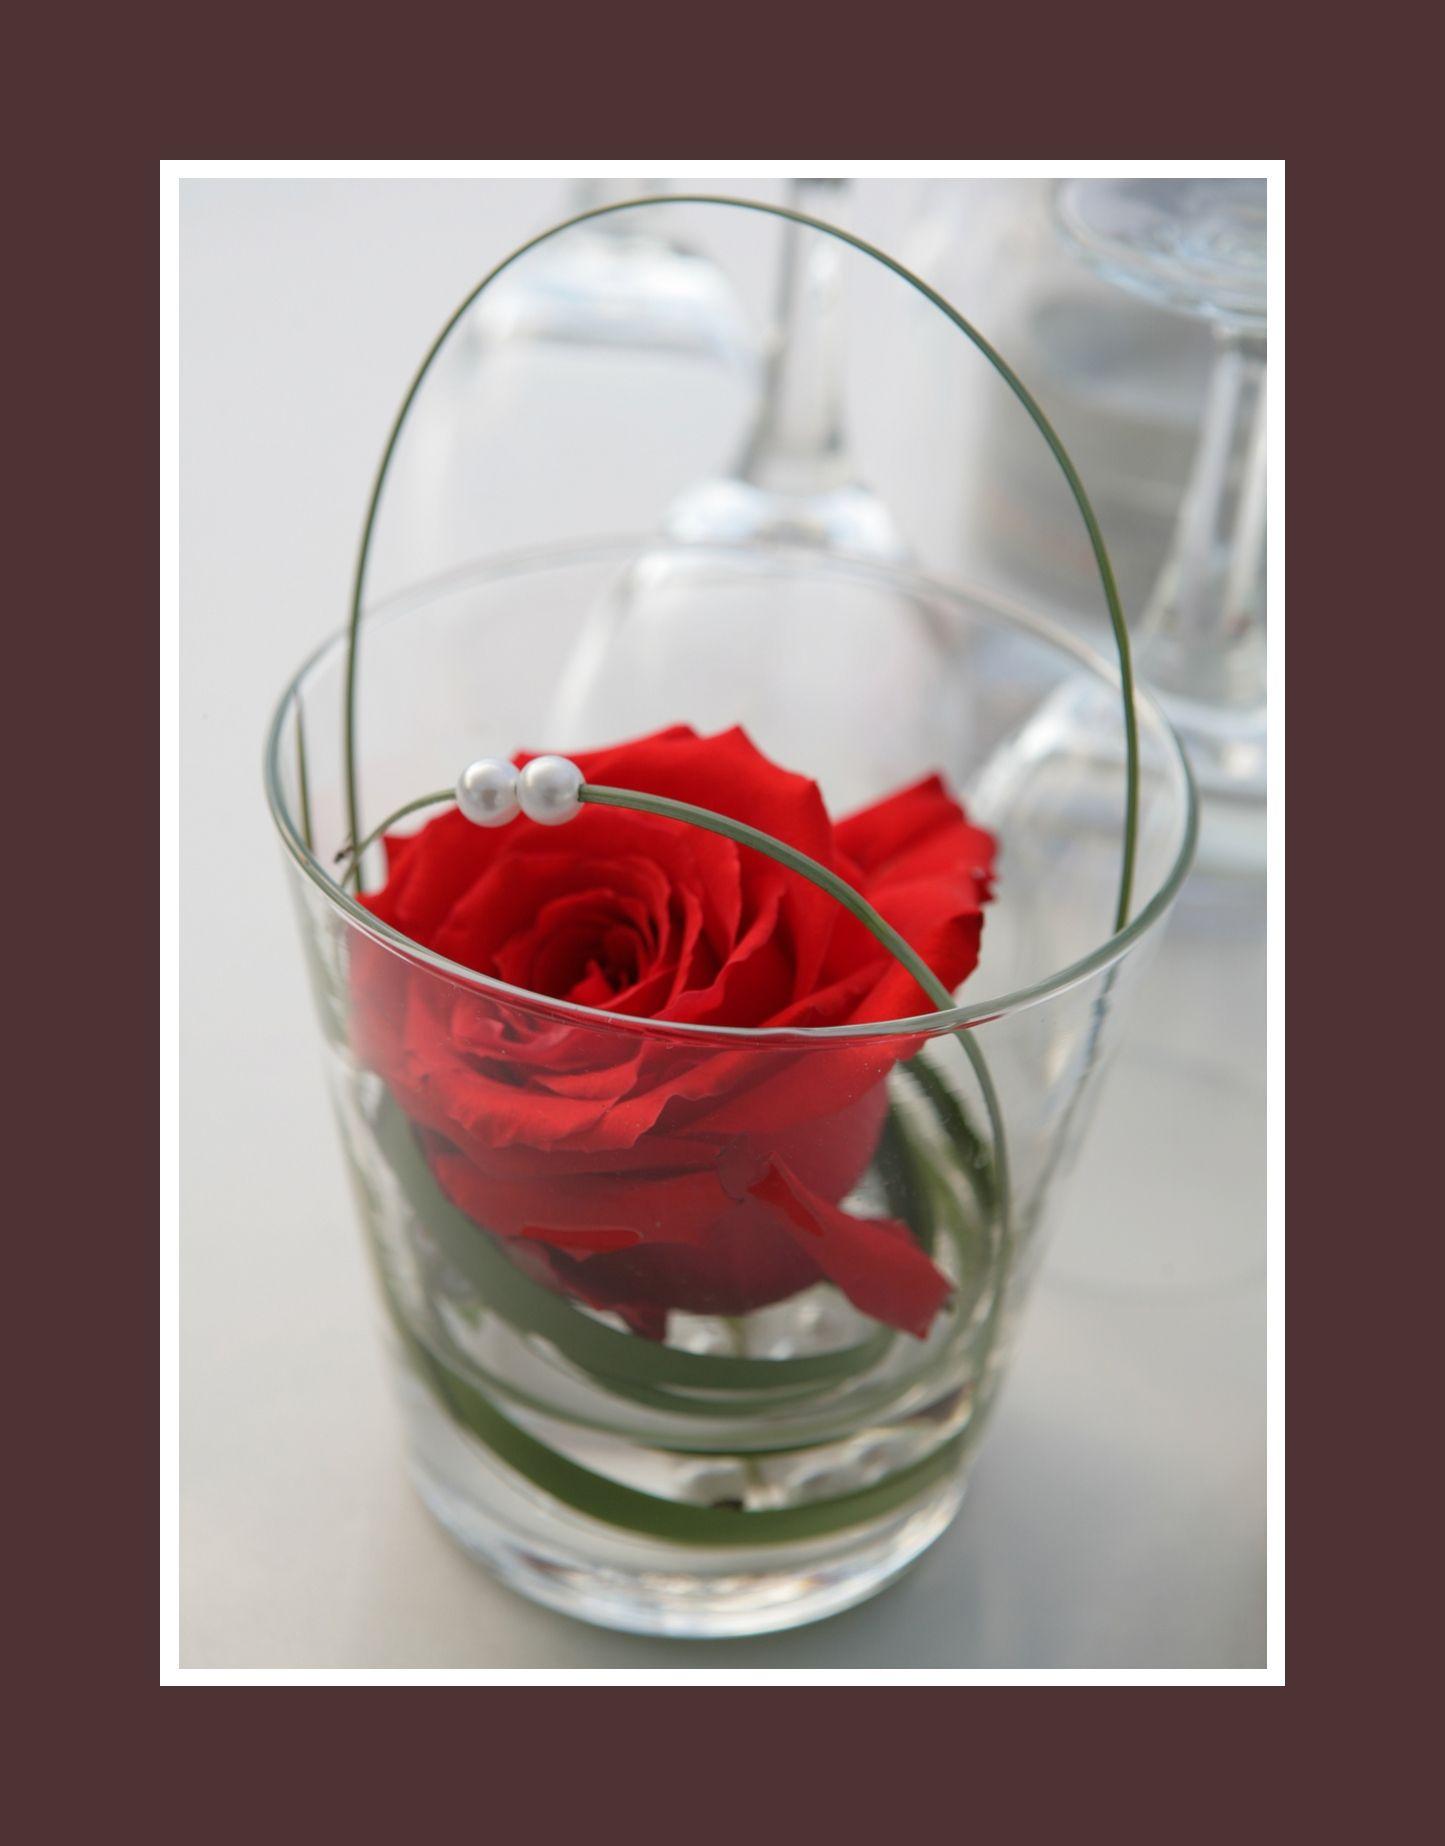 Rote Rose mit weien Perlen  festlich und stilvoll